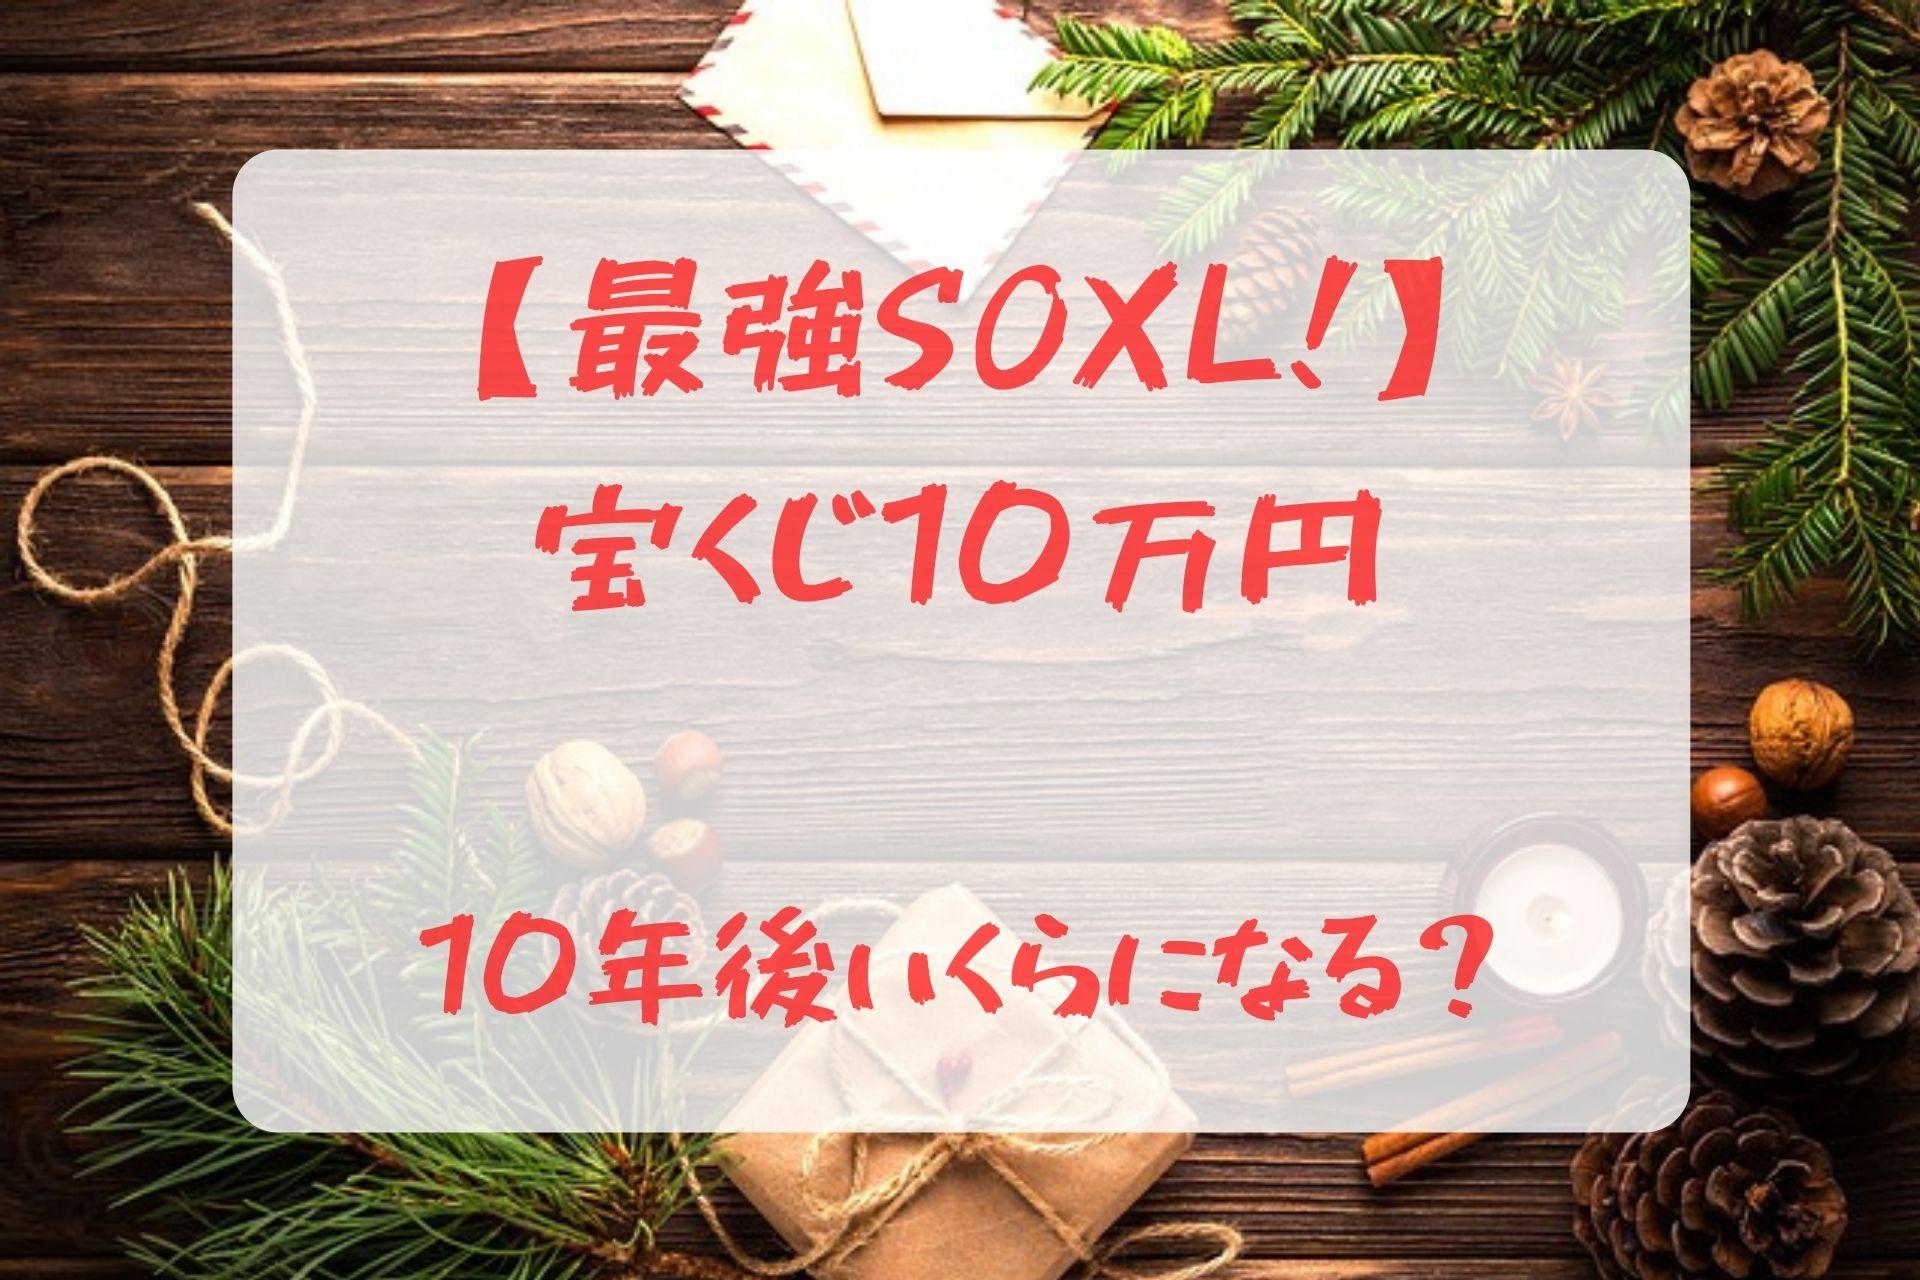 【最強SOXLで宝くじ10万円】3年後、10年後いくらになる?